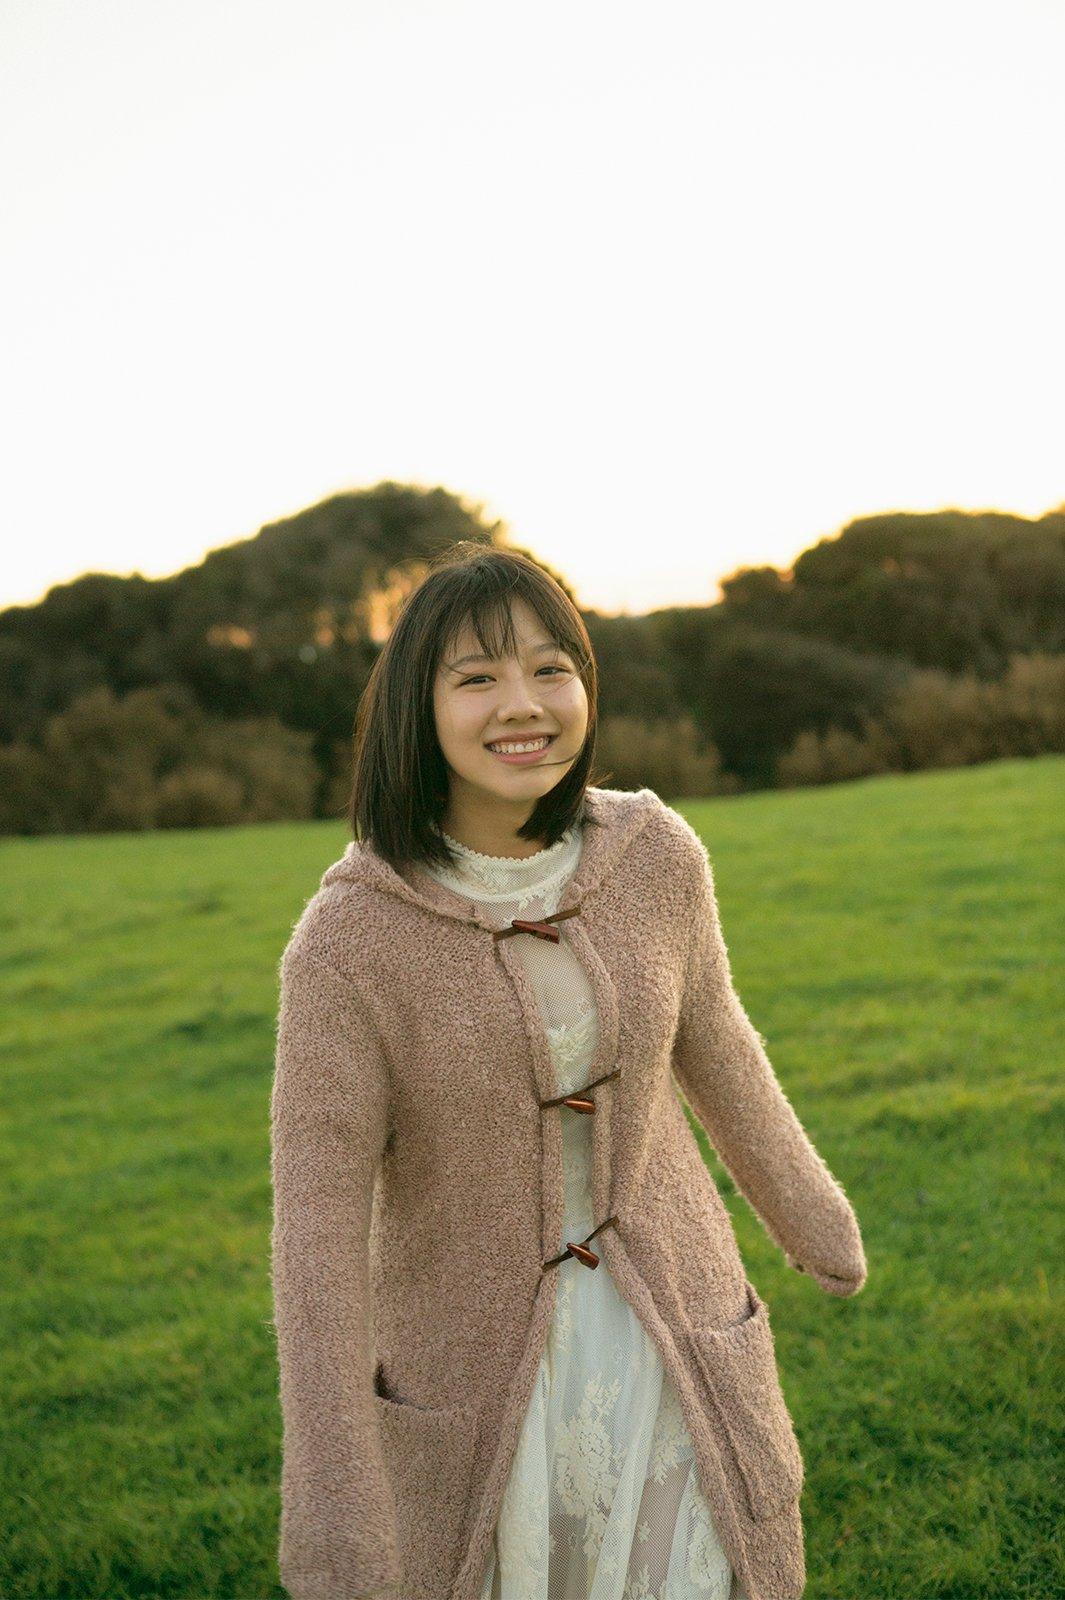 けやき坂46渡邉美穂ファースト写真集『陽だまり』